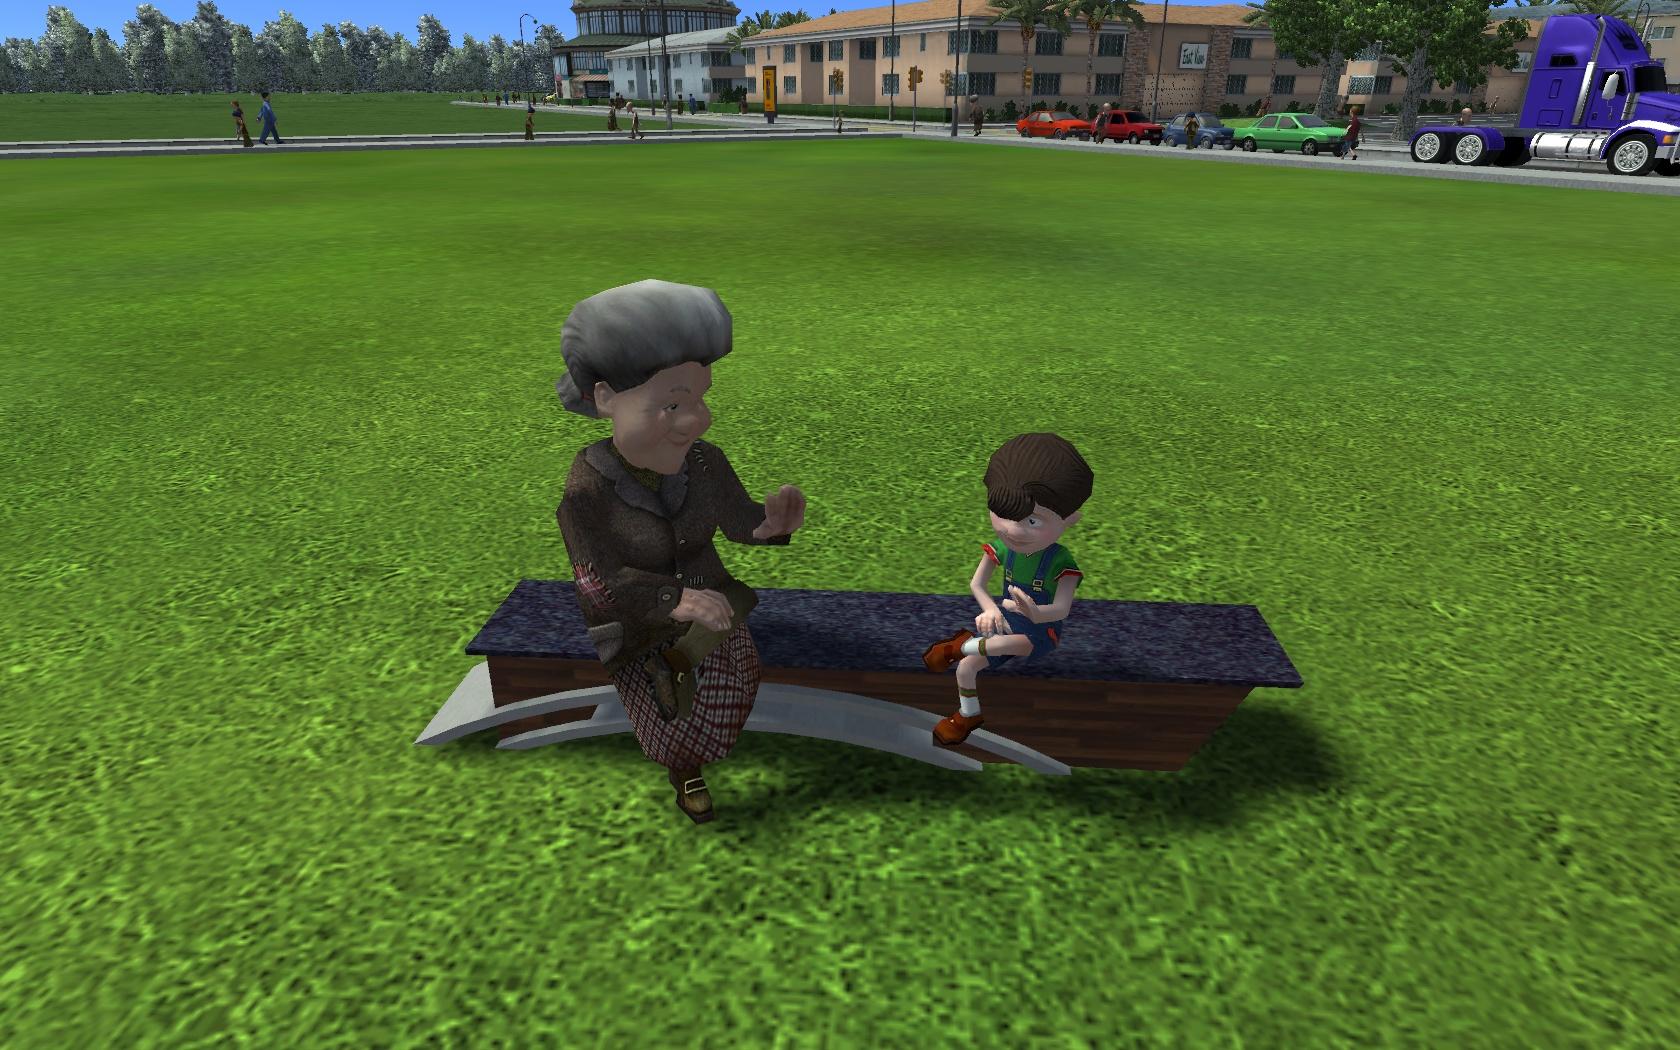 gamescreen0004 (3).jpg